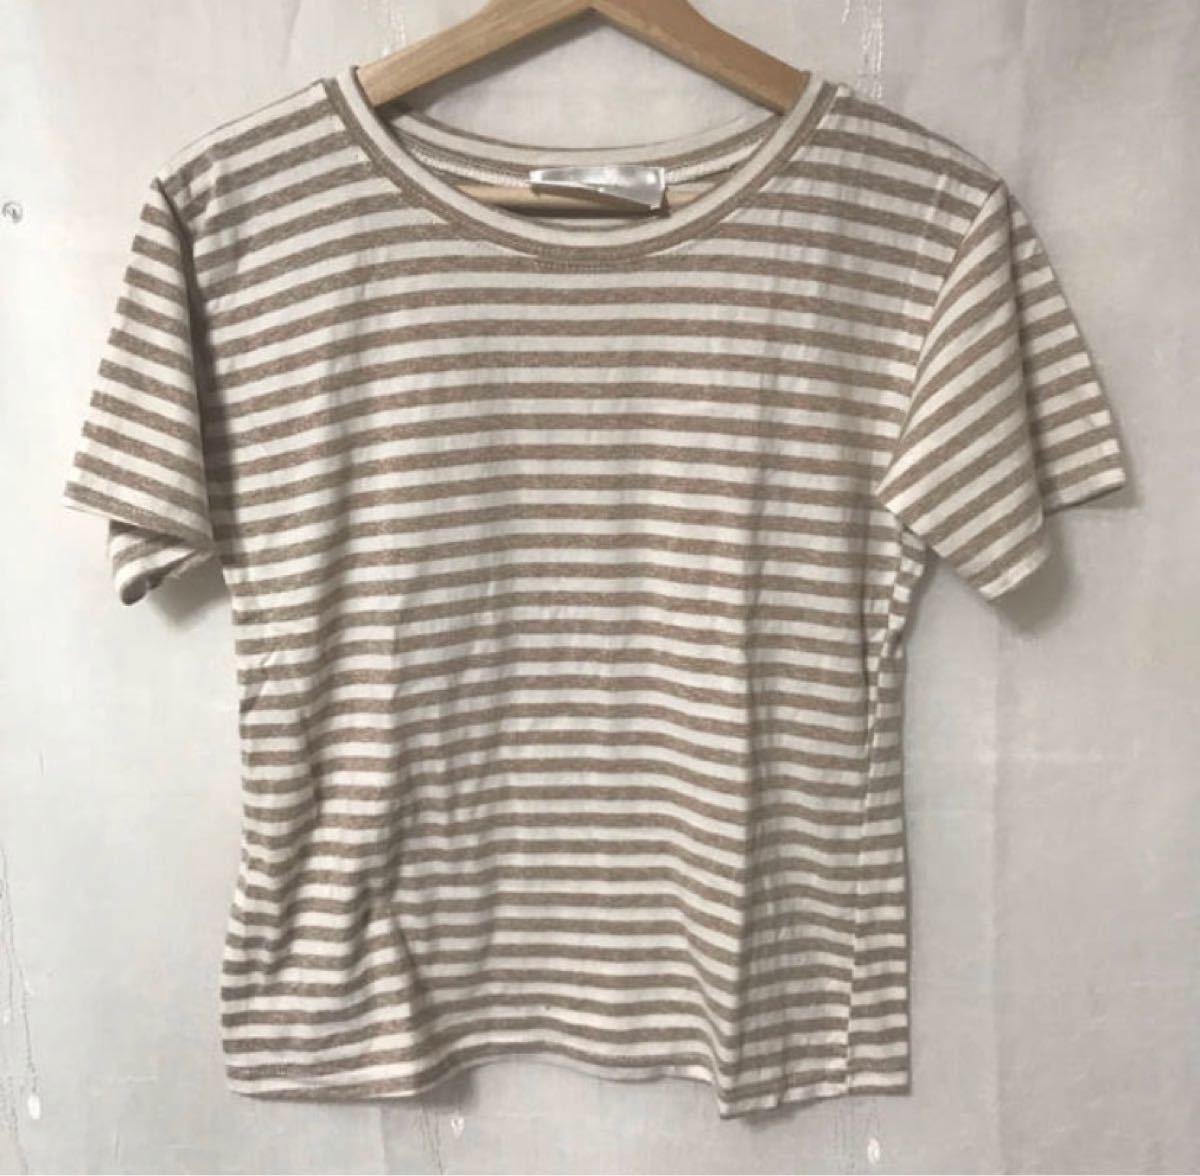 ボーダー Tシャツ カットソー ベージュ 半袖